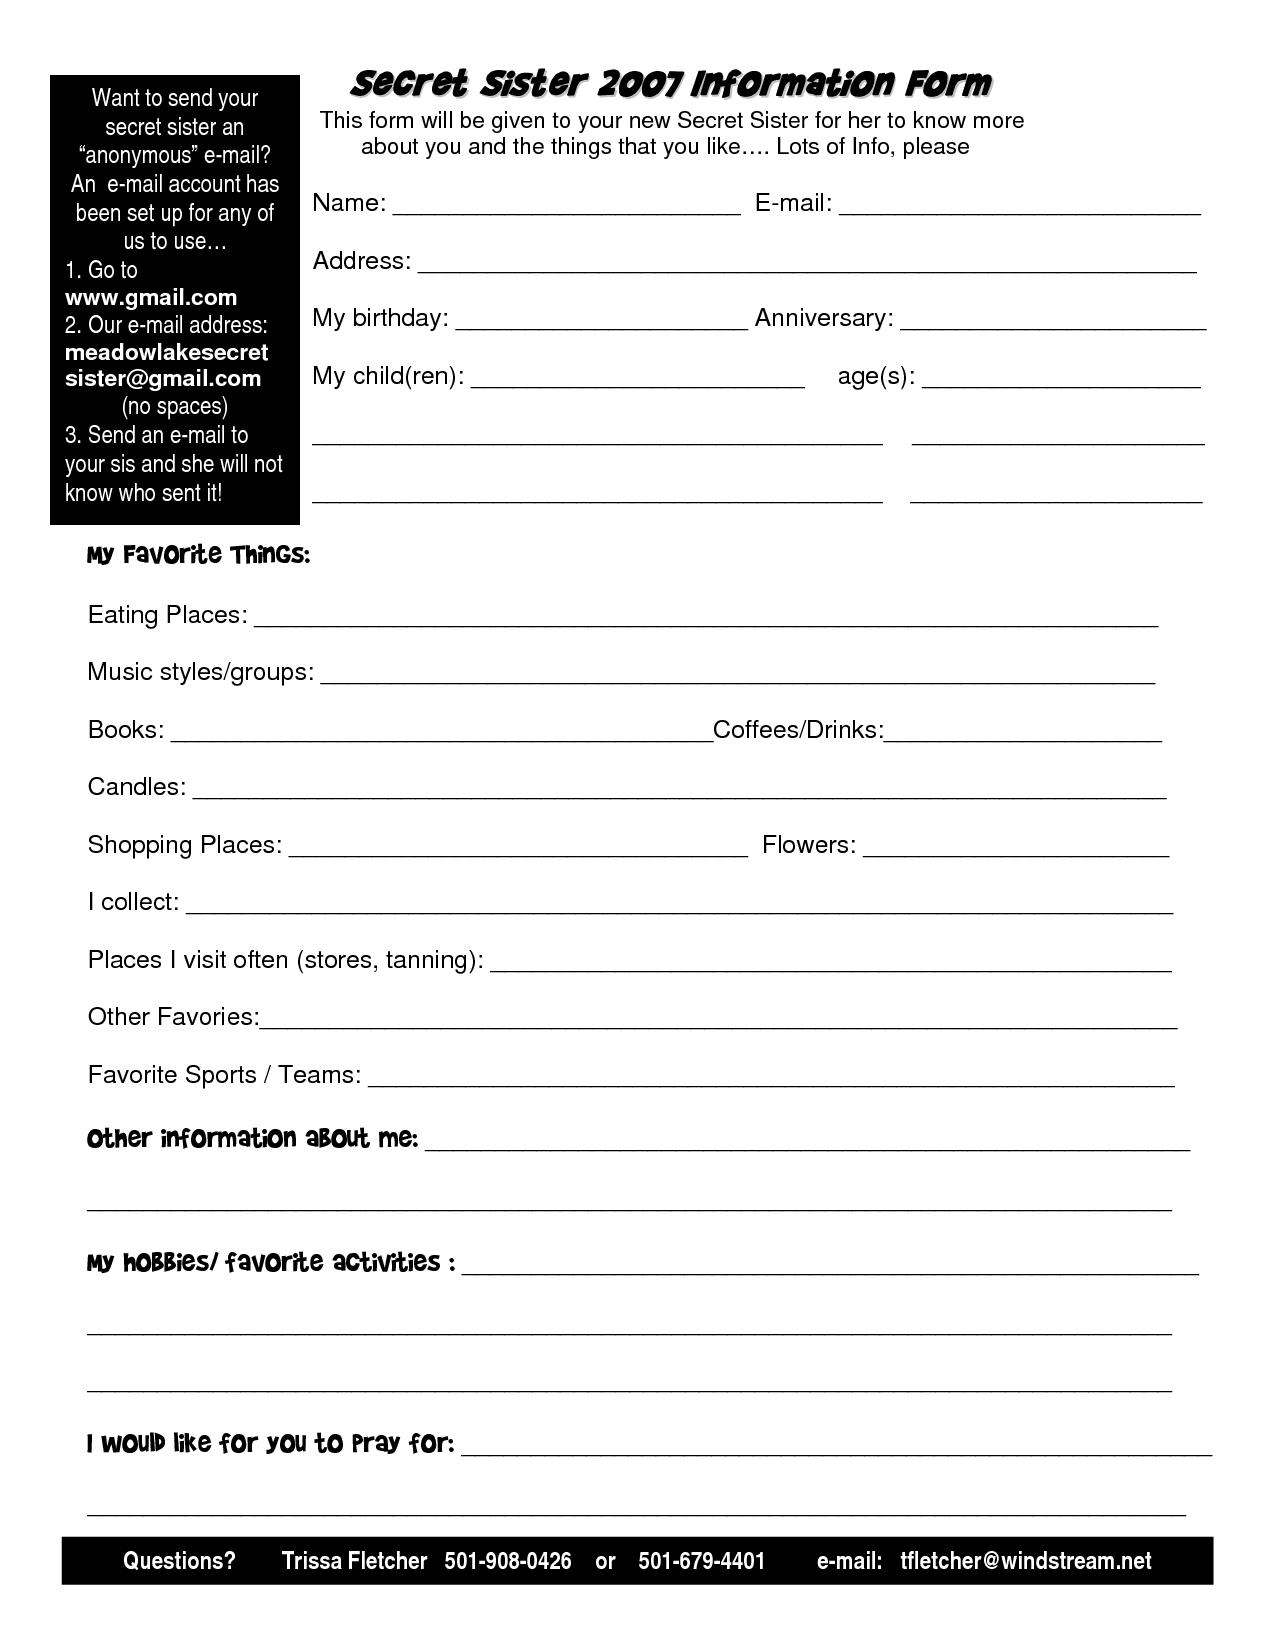 Secret Sister Information Sheet